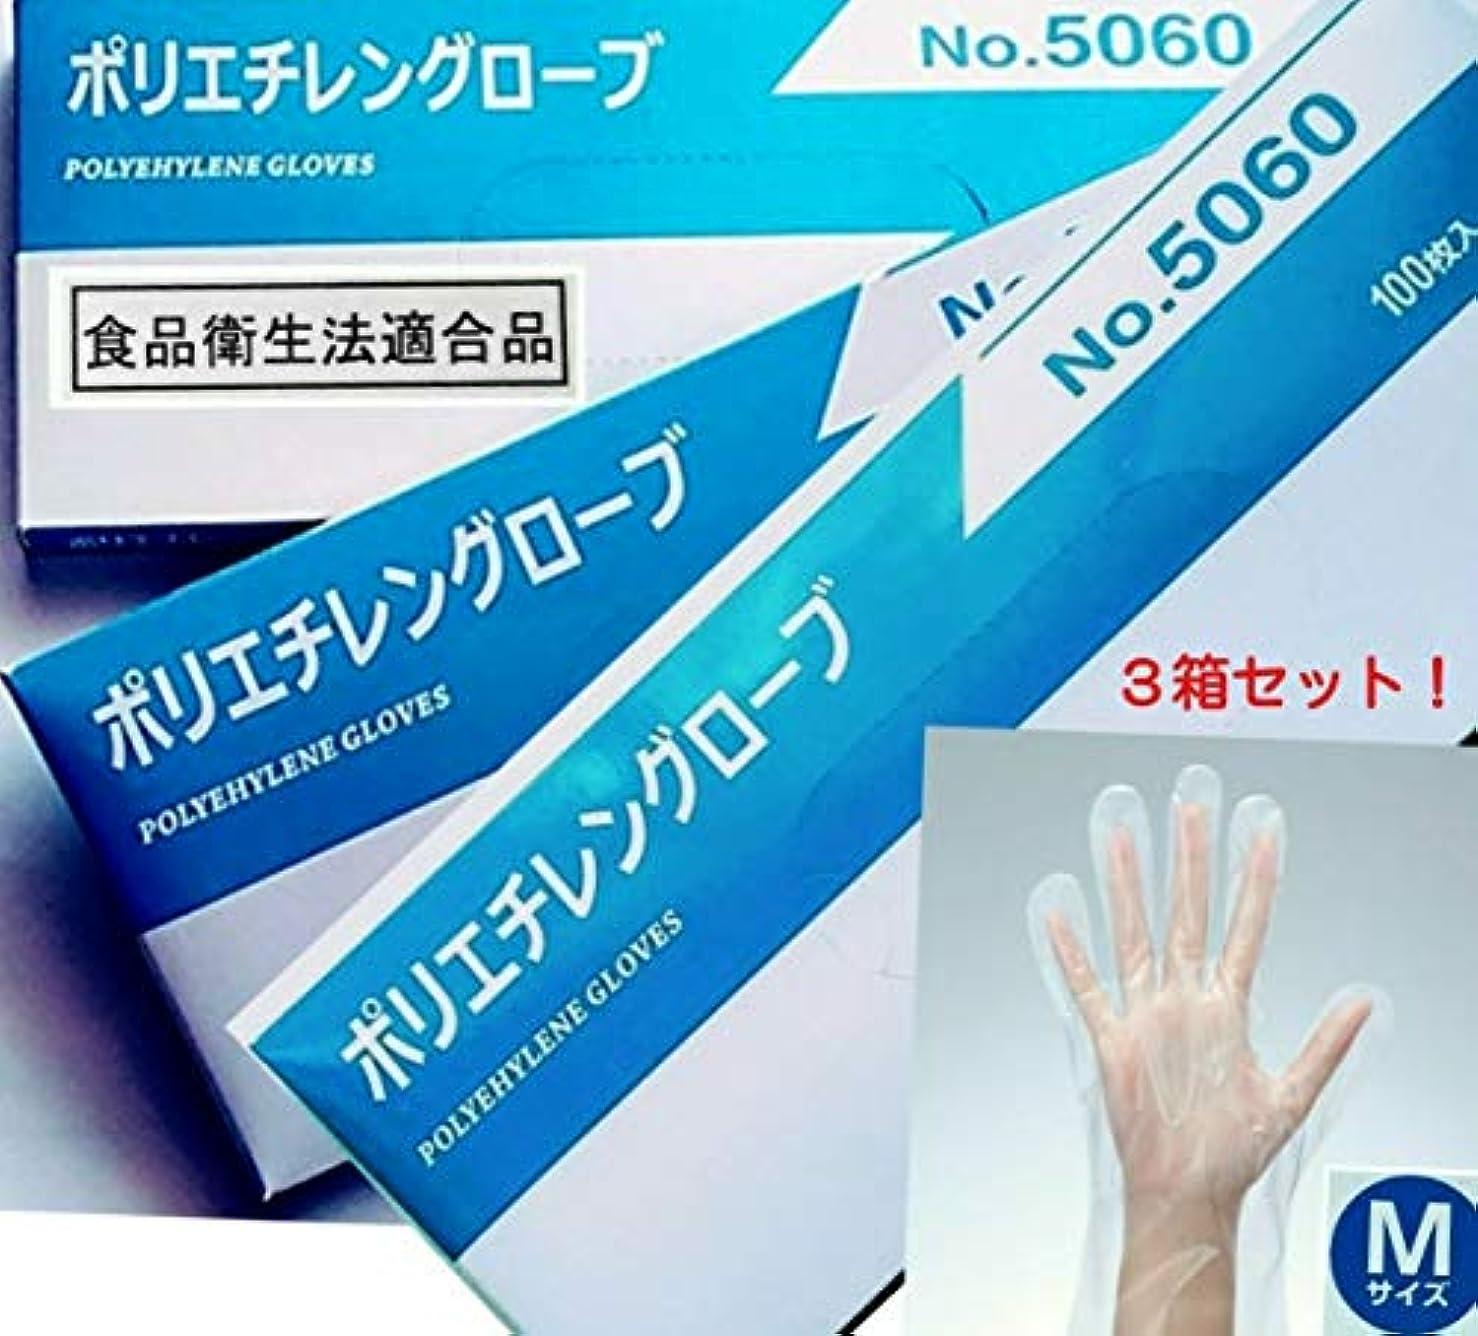 磁石格納省略【まとめ買い】ポリエチレングローブ(使い捨て手袋 Mサイズ) 100枚入?食品衛生法適合品 3箱セット